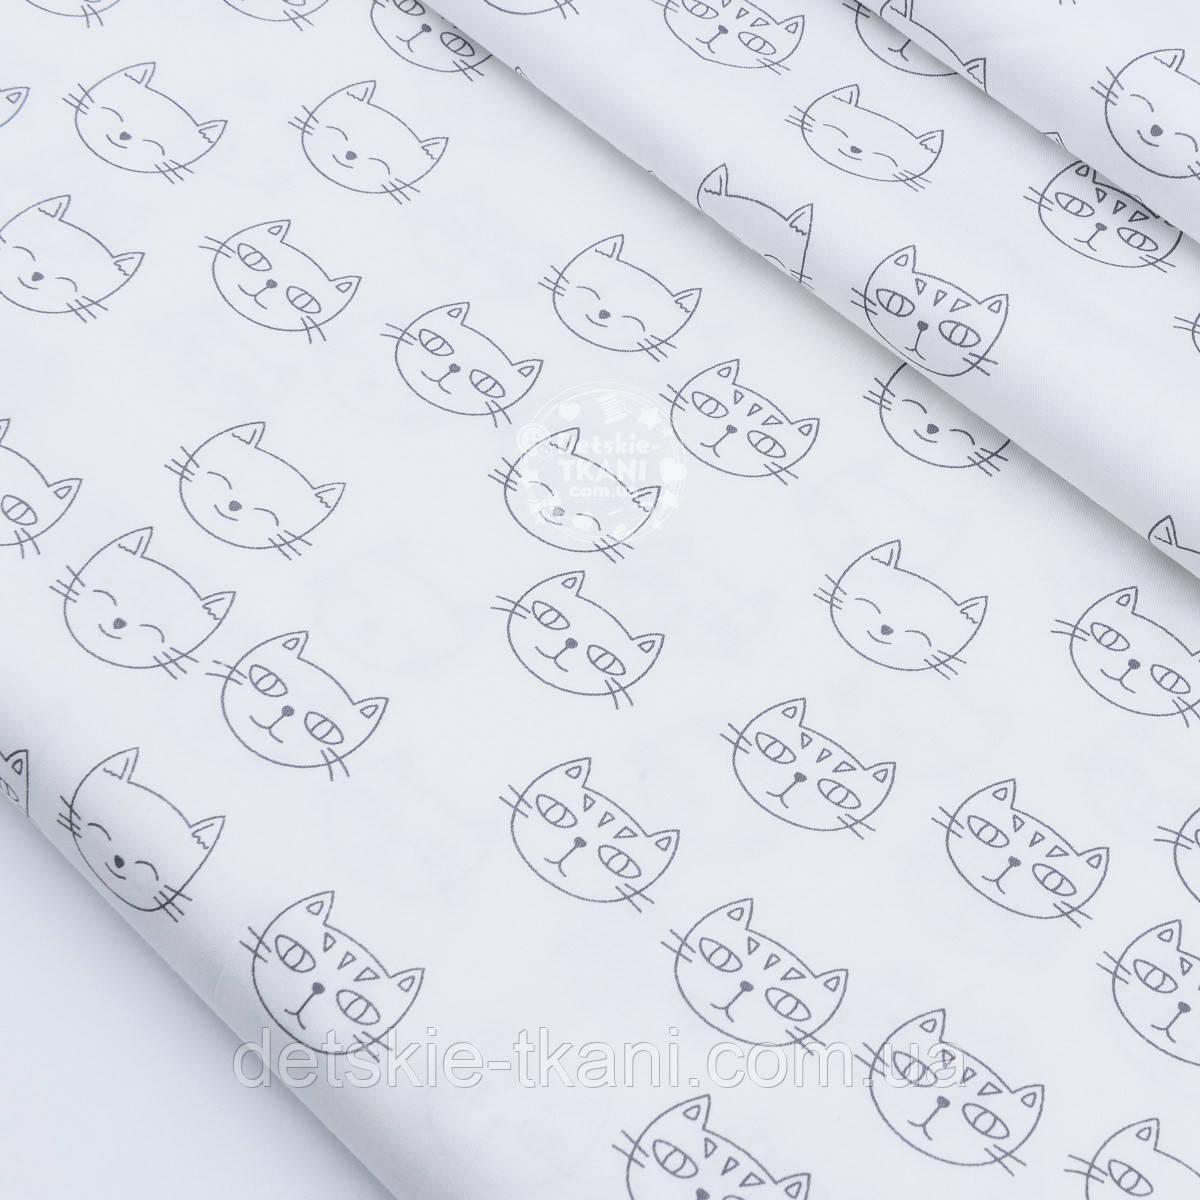 """Лоскут сатина """"Мордочки котов"""" серые на белом, № 1706с, размер 36*78 см"""